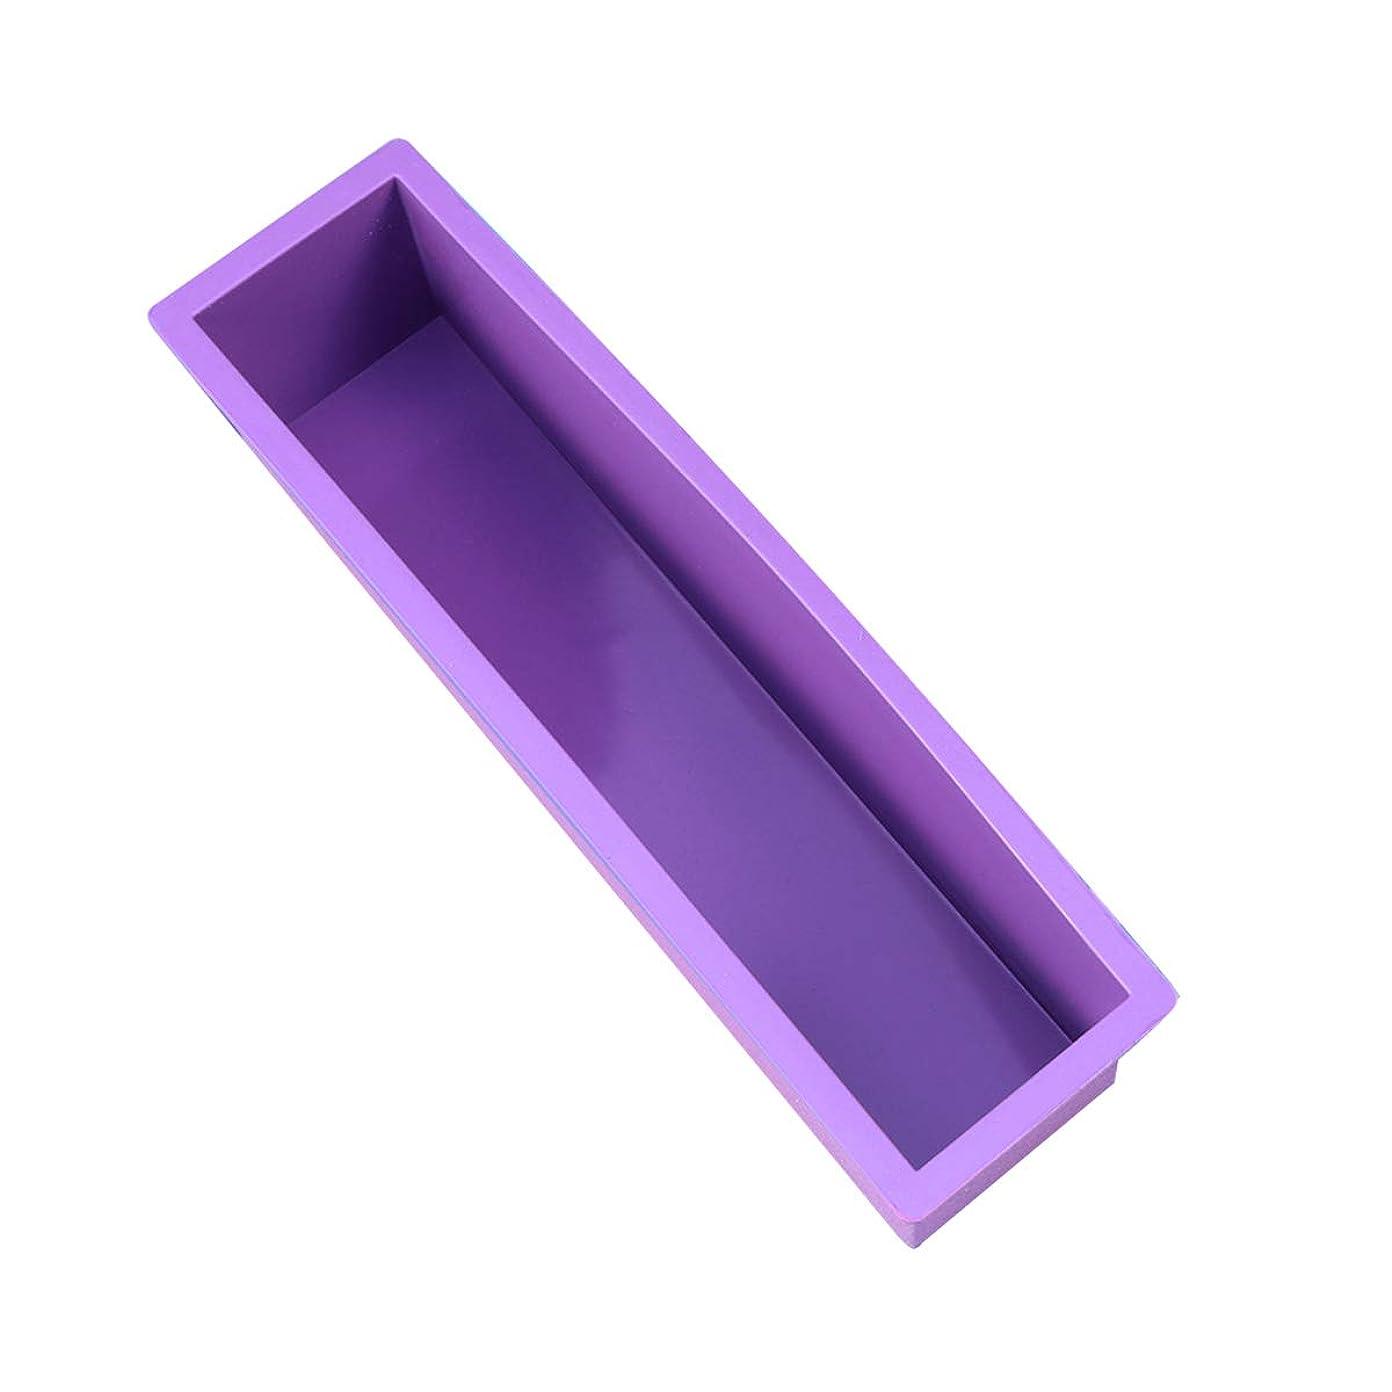 スラム街啓示余分なHealifty DIYの石鹸金型スクエアラウンドオーバル金型木製ボックスサイズなしの手作り金型 - S(紫)